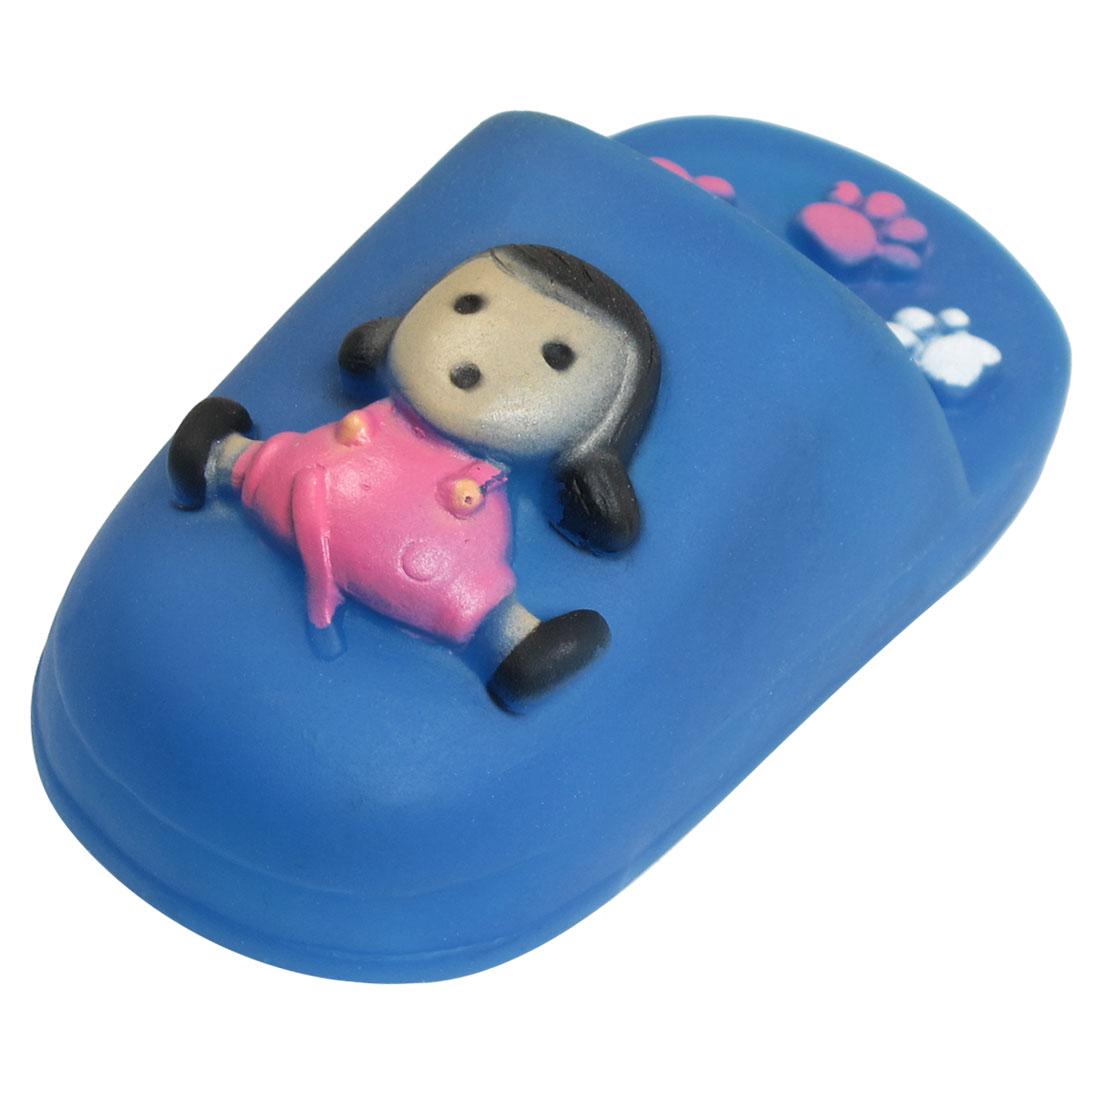 Doggie Puppy Squeeze Squeaker Slipper Design Girl Pattern Toy Blue